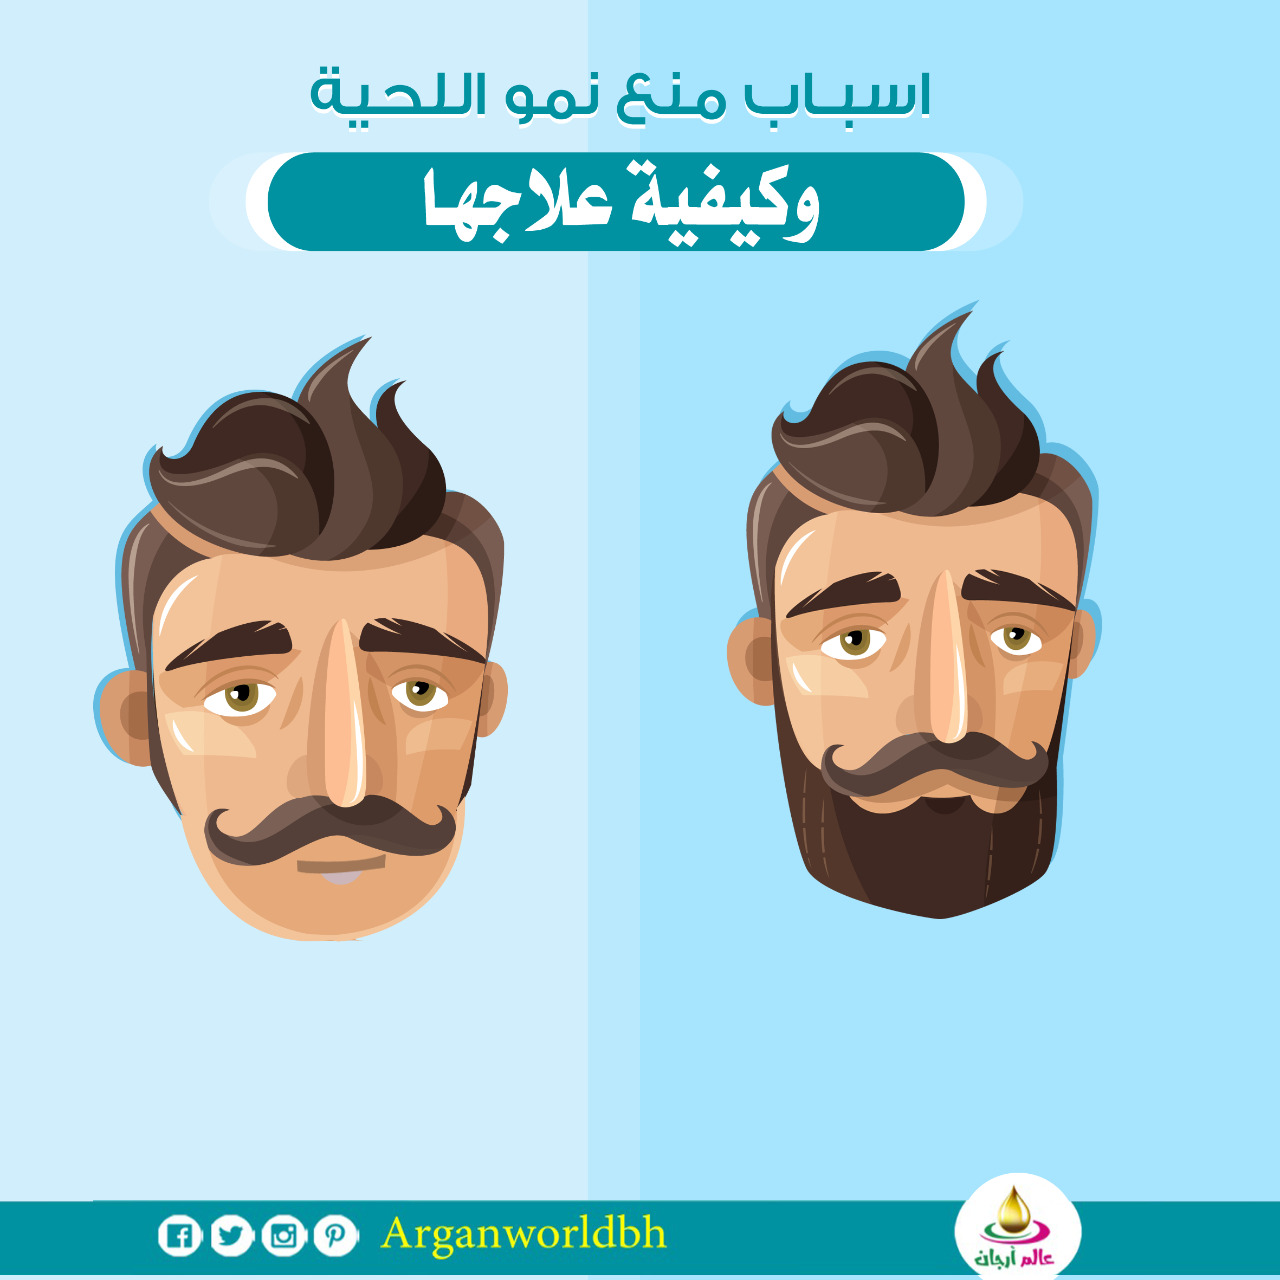 زيت نمو اللحية beard growth من أرجان - عالم أرجان لمستحضرات تجميل زيت  الارجان